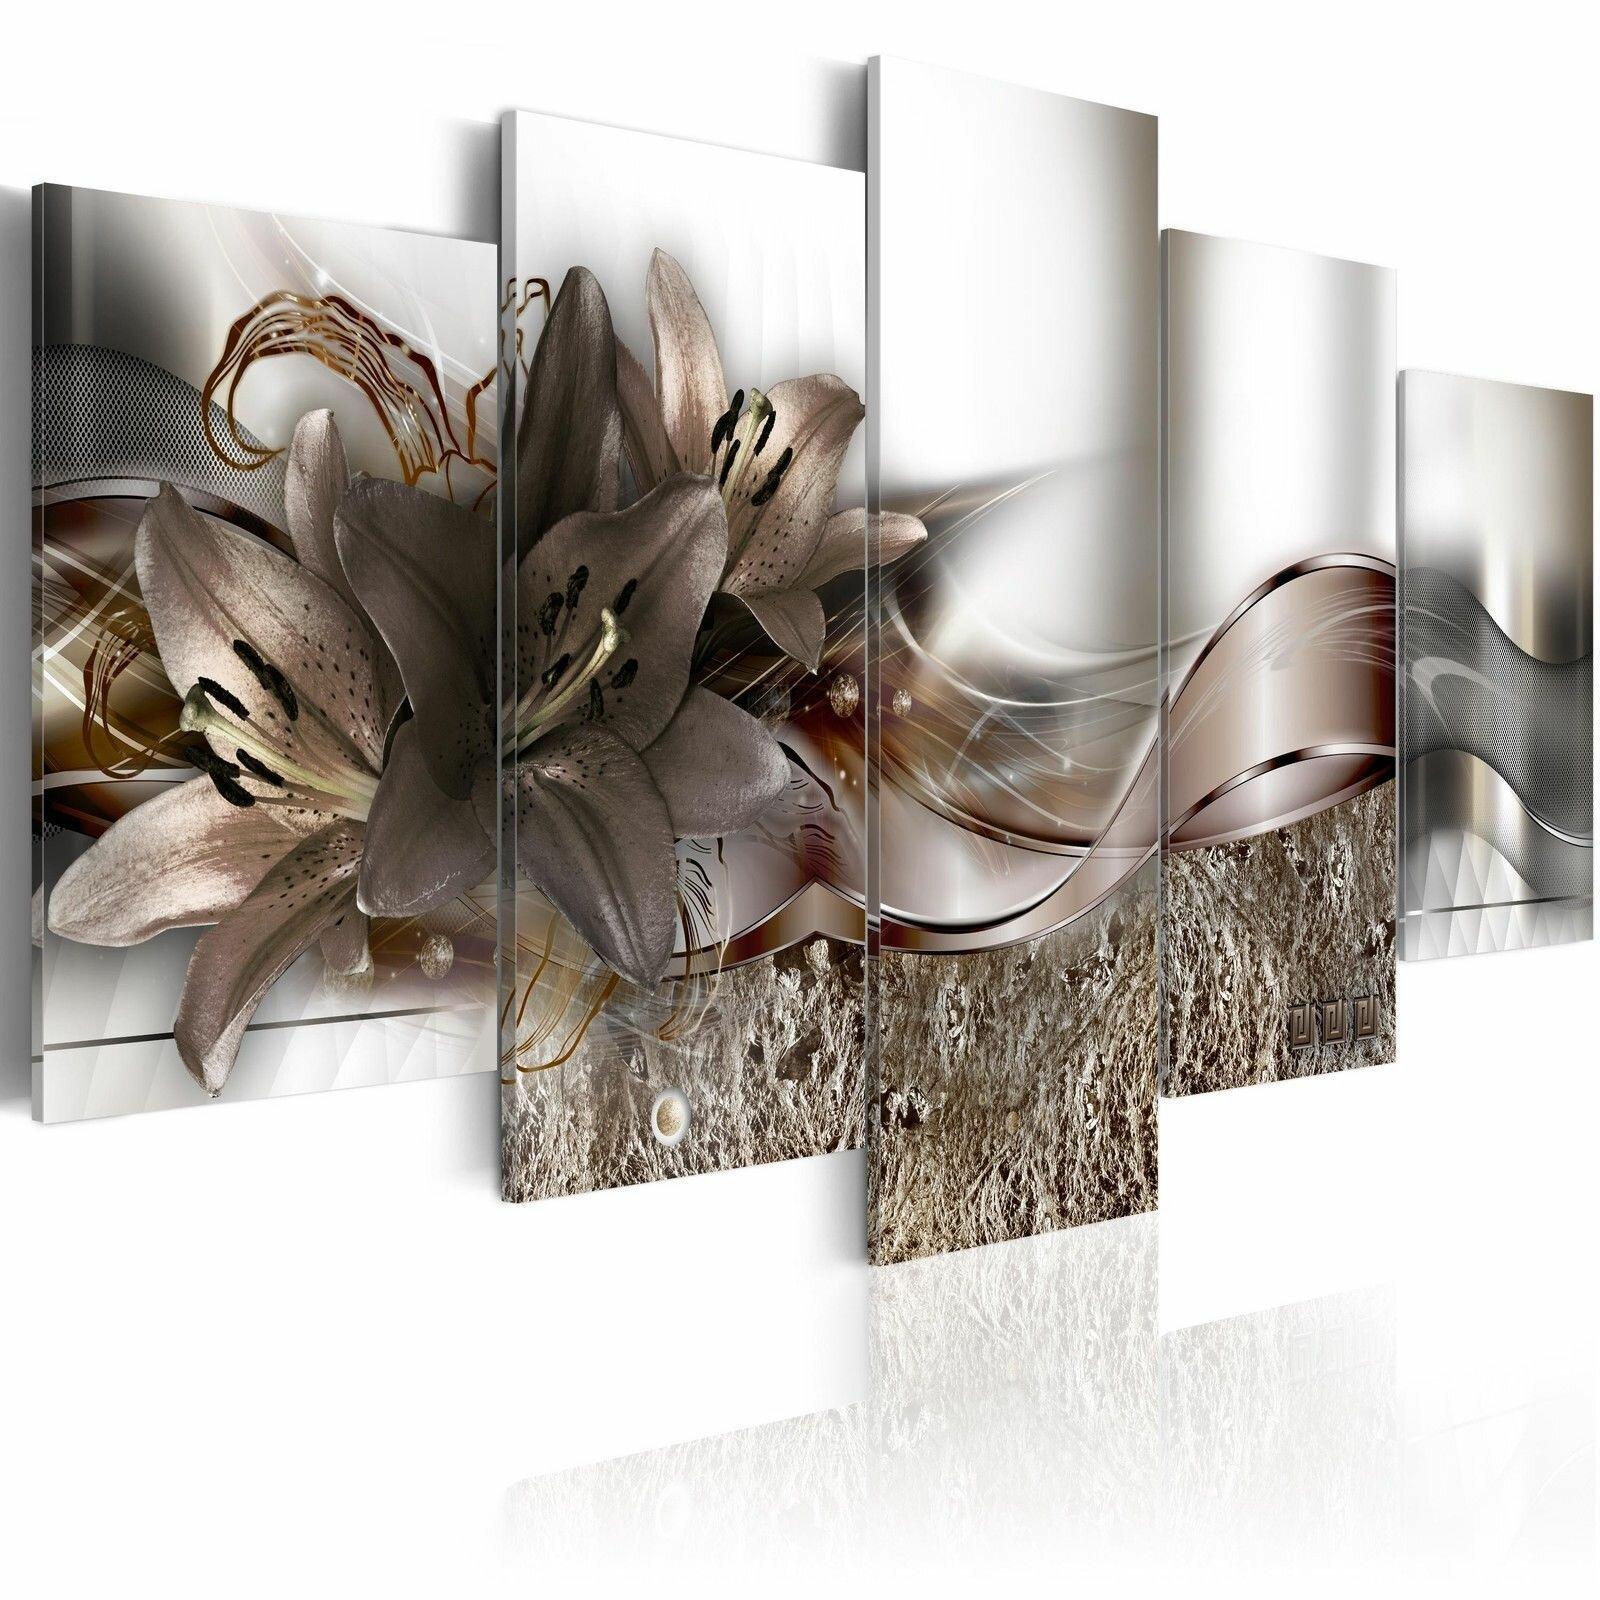 5 Panneaux Grandes Fleurs Abstraits Imprimer Photos Toile Wall Art Imprime Peintures Sans Cadre pour Décorations pour La Maison